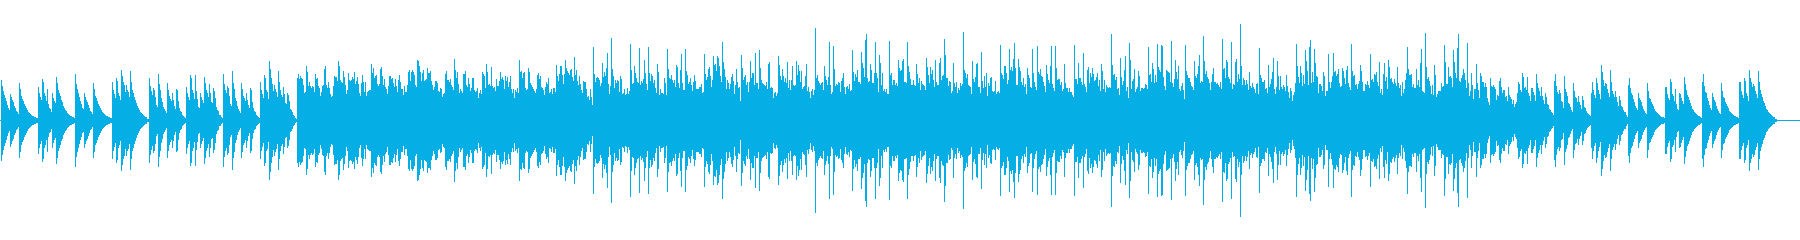 寂しくて暗めな電子ピアノのループの再生済みの波形